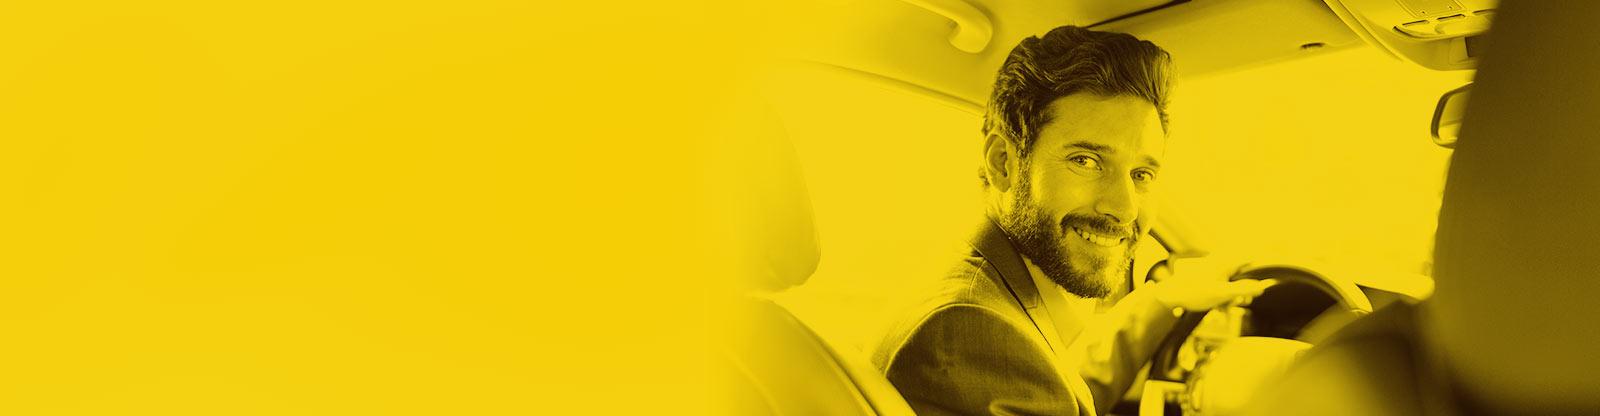 Jesteś kierowcą? Zadbaj o swój wzrok - porady dla kierowców